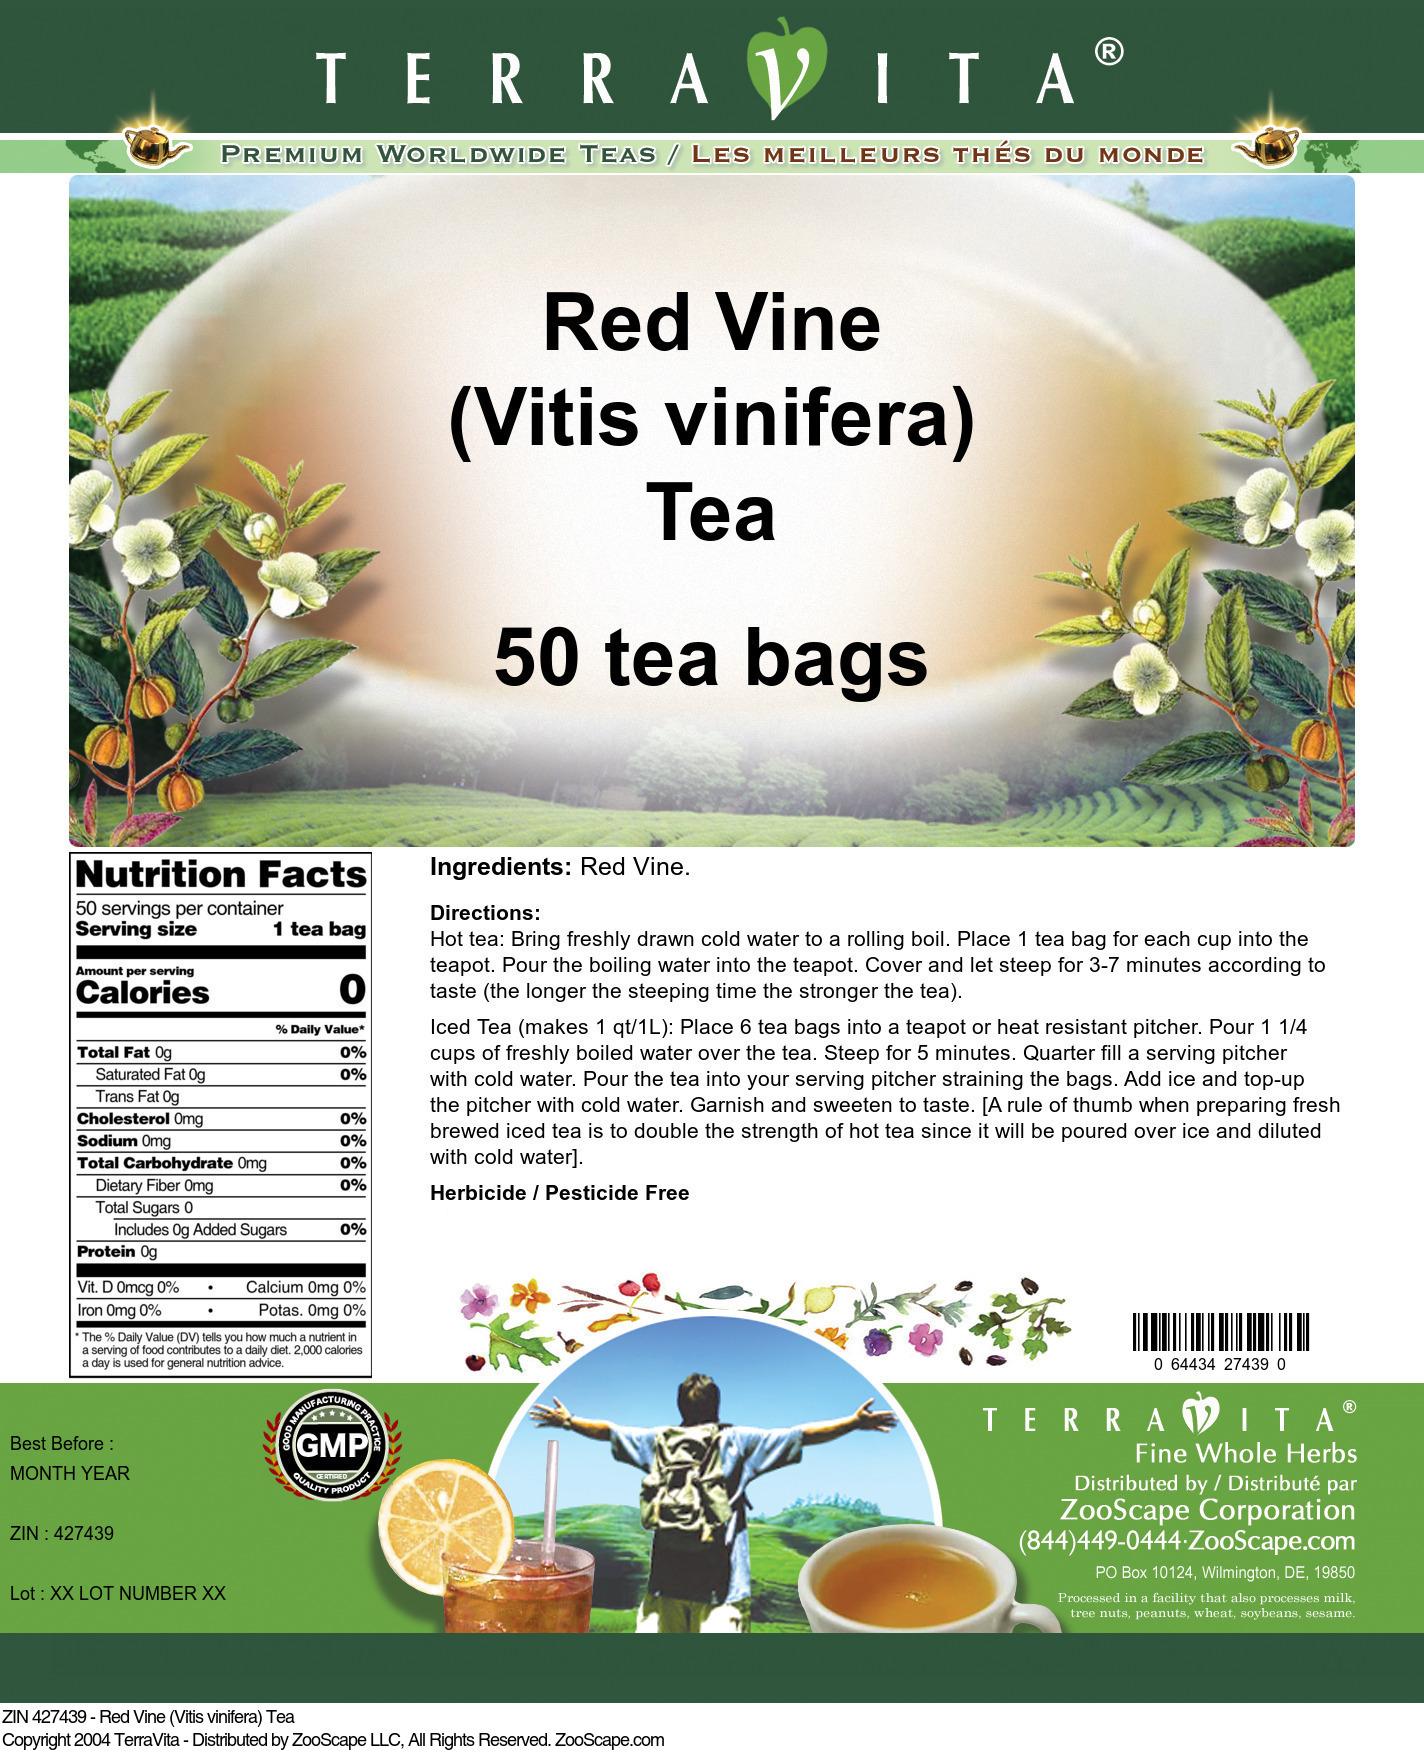 Red Vine (Vitis vinifera) Tea